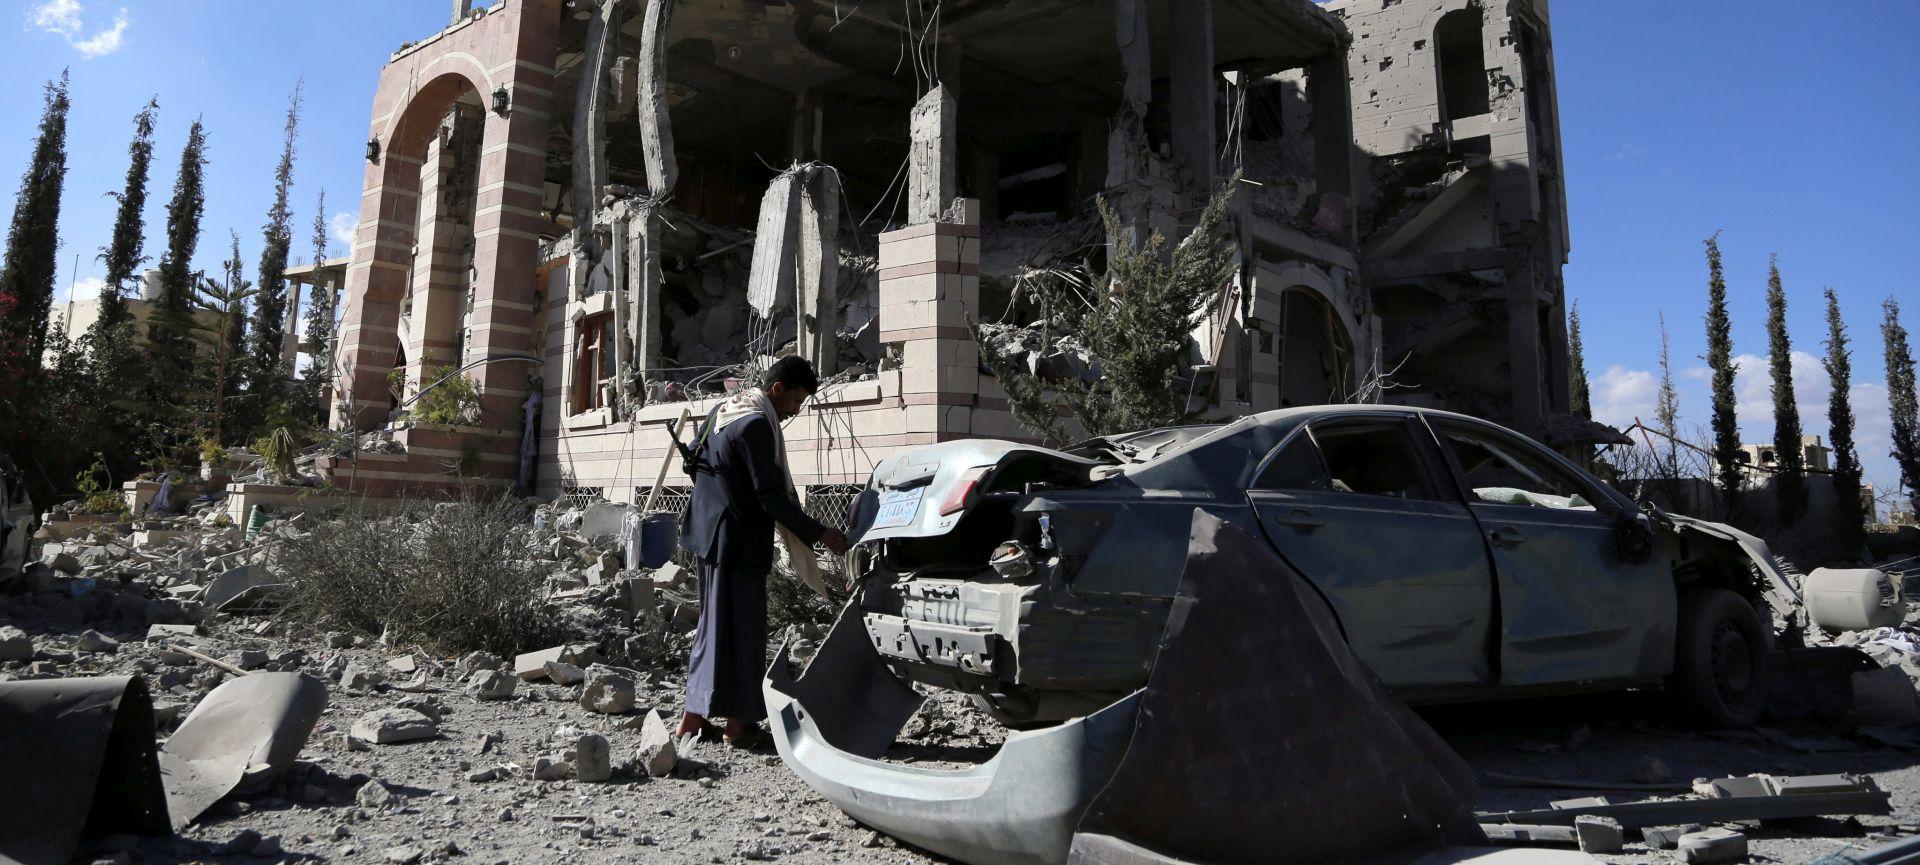 JEMEN Napadnuta bolnica Liječnika bez granica, najmanje četiri osobe poginule